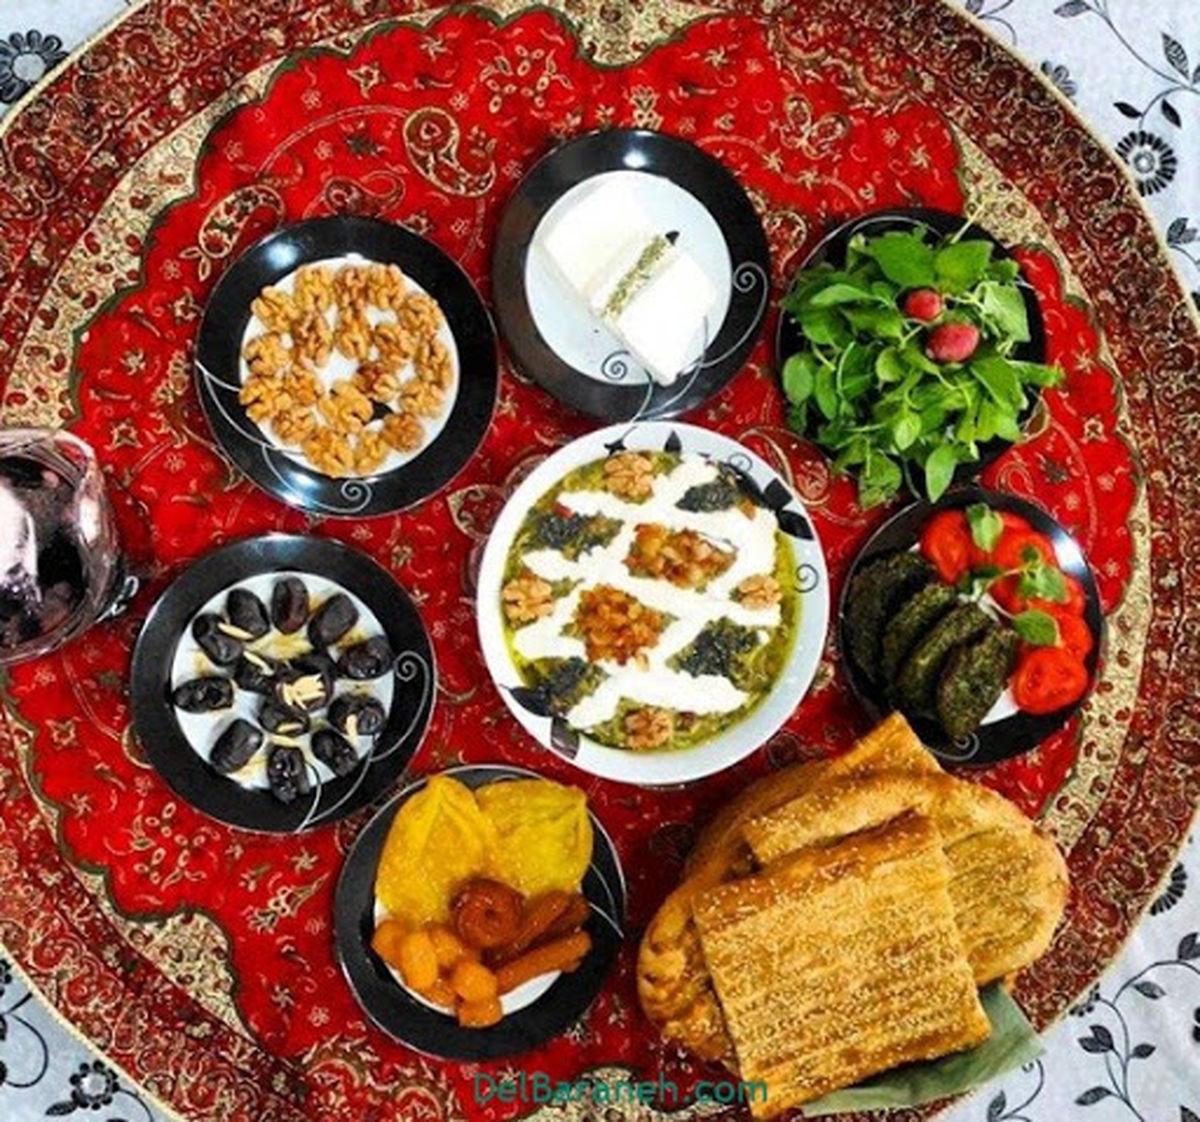 ماه رمضان | توصیه های پزشکی برای ماه رمضان